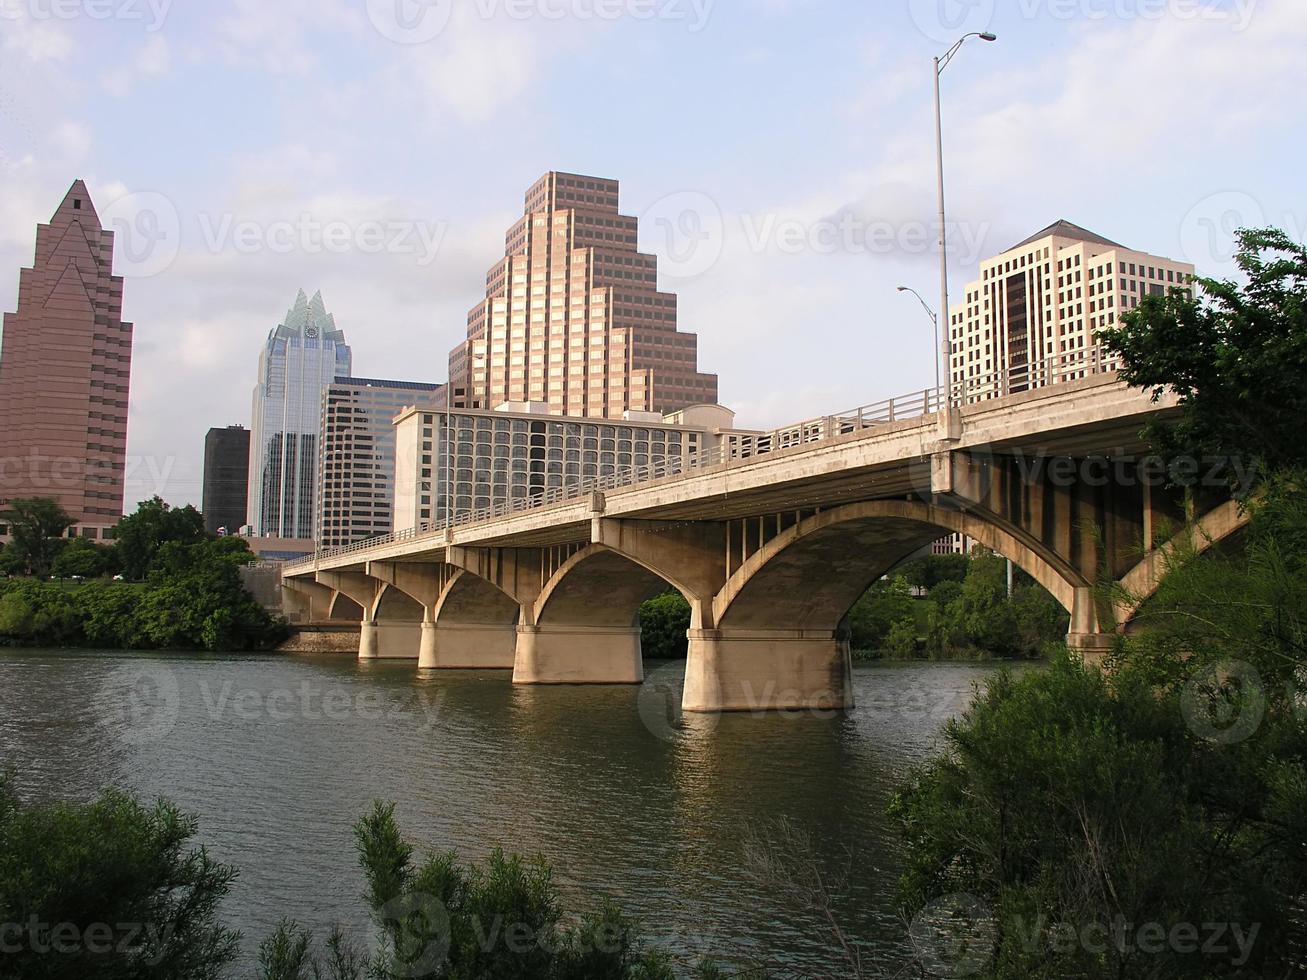 congres Avenue Bridge foto